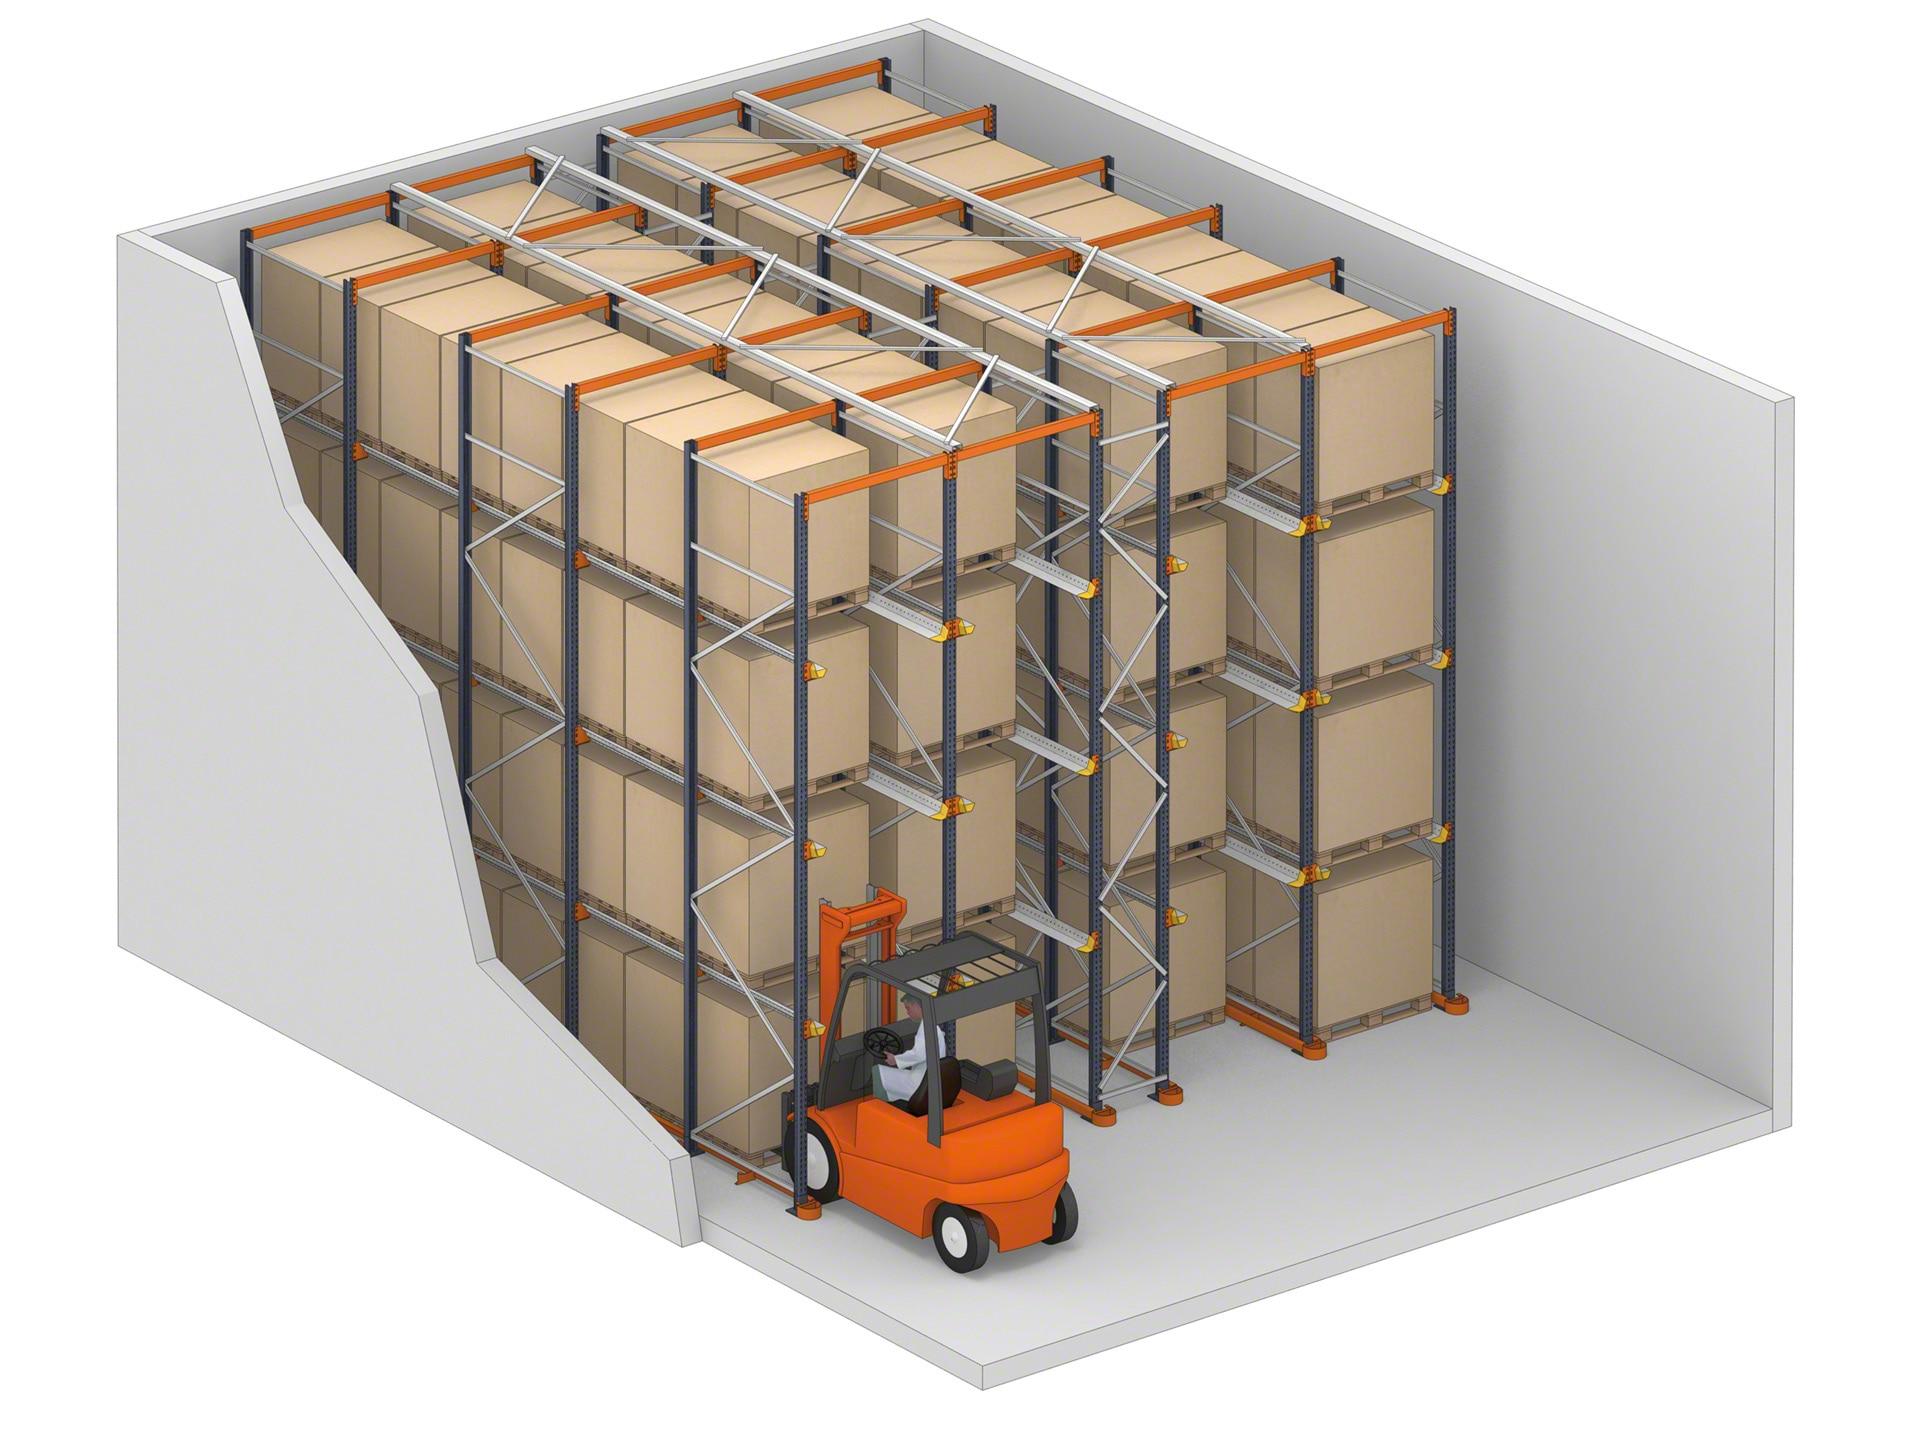 駛入系統是貨架,卡車可以在其中通過存儲渠道訪問商品